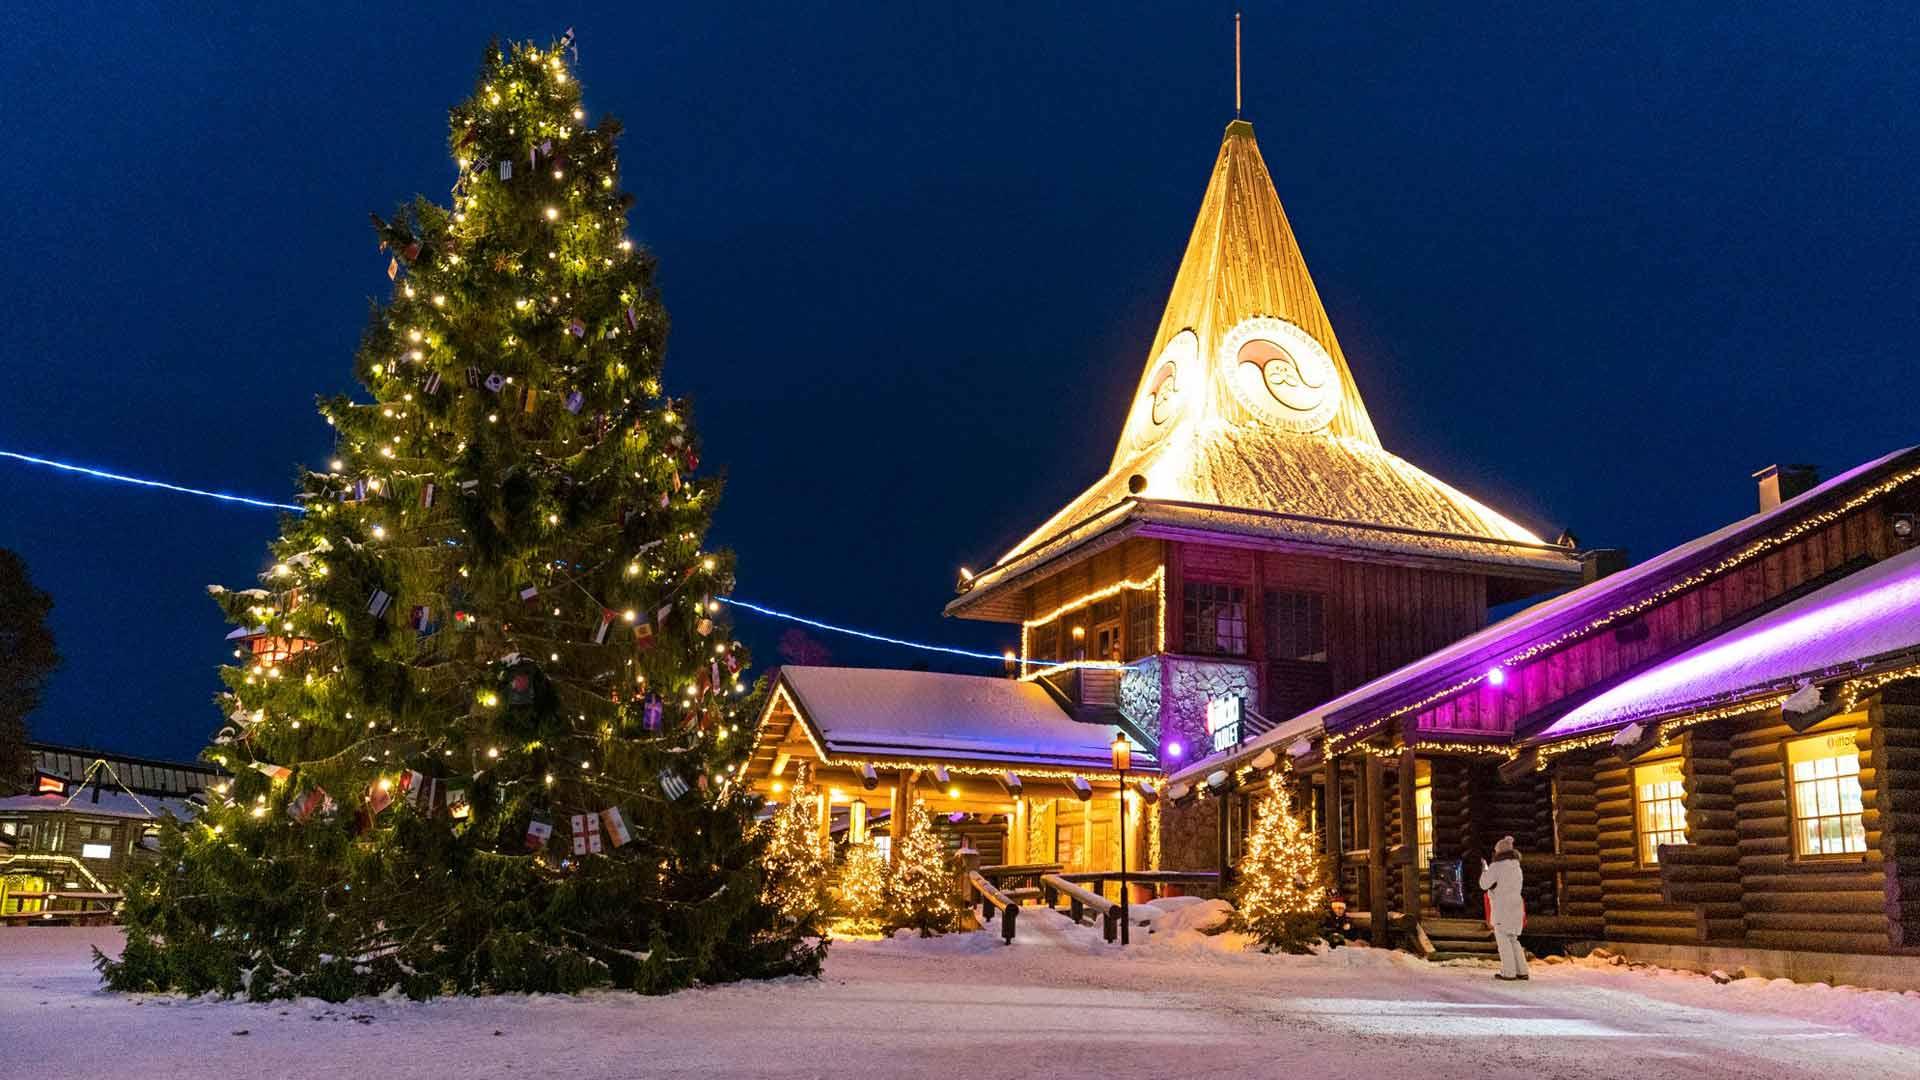 Joulupukin pajakylässä Rovaniemellä kävisi tavallisesti tähän aikaan vuodesta parituhatta ihmistä päivässä. Joululaulut soivat nyt lähes tyhjille pihoille. Korona voi muovata elämäämme pysyvästi – ja samalla myös Joulupukin hahmoa.